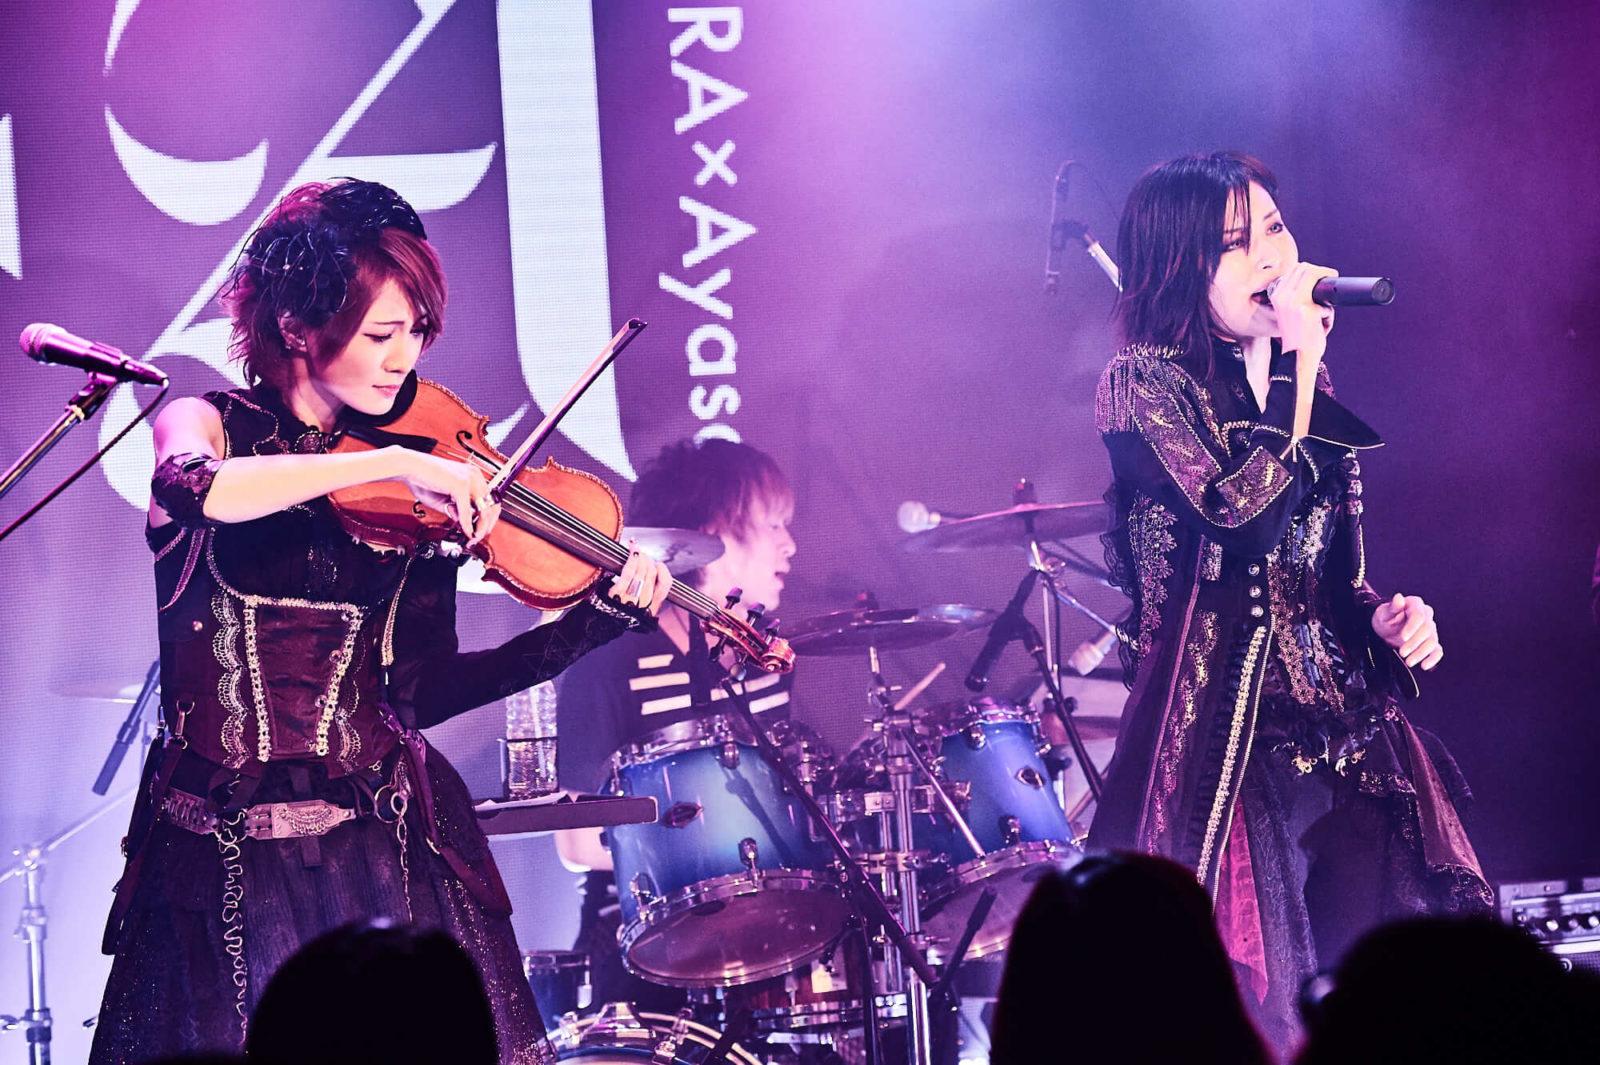 異色ロックユニット『+A(プラスエー)』がロックギタリストMiA書き下ろし楽曲を披露